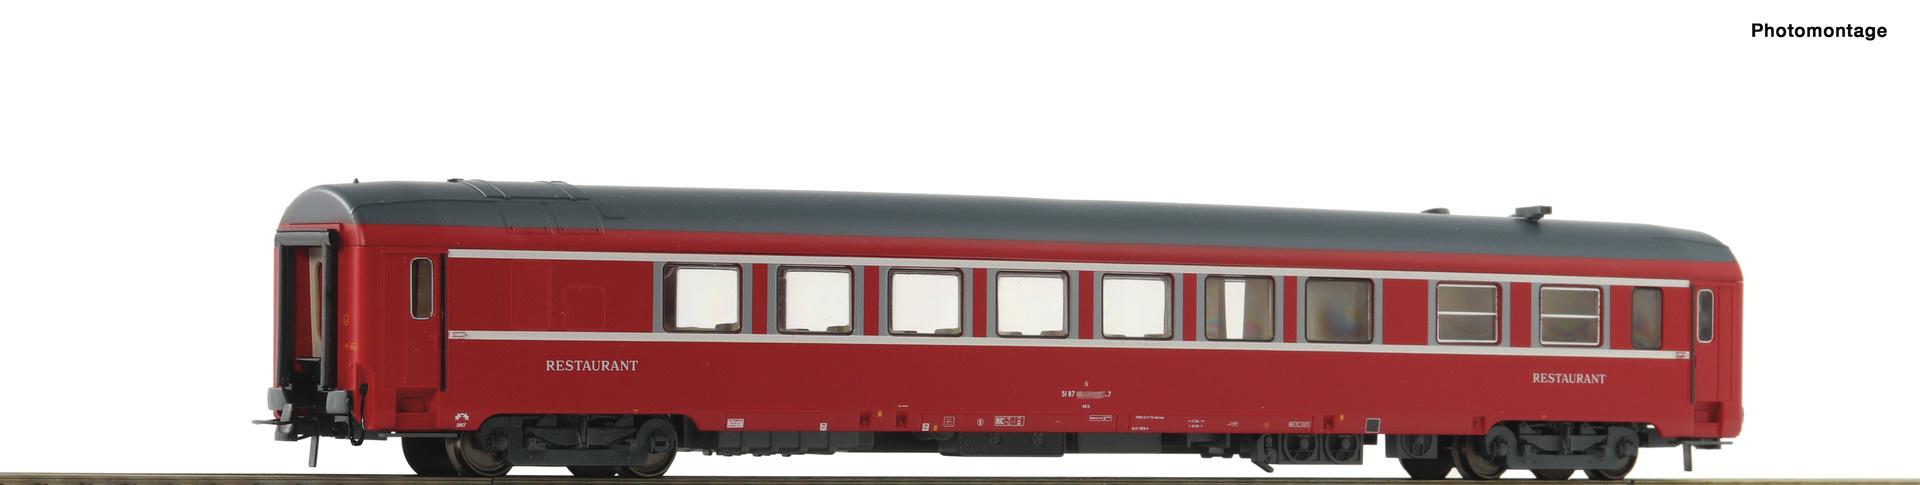 74358 restauratierijtuig UIC-Y van de SNCF-1